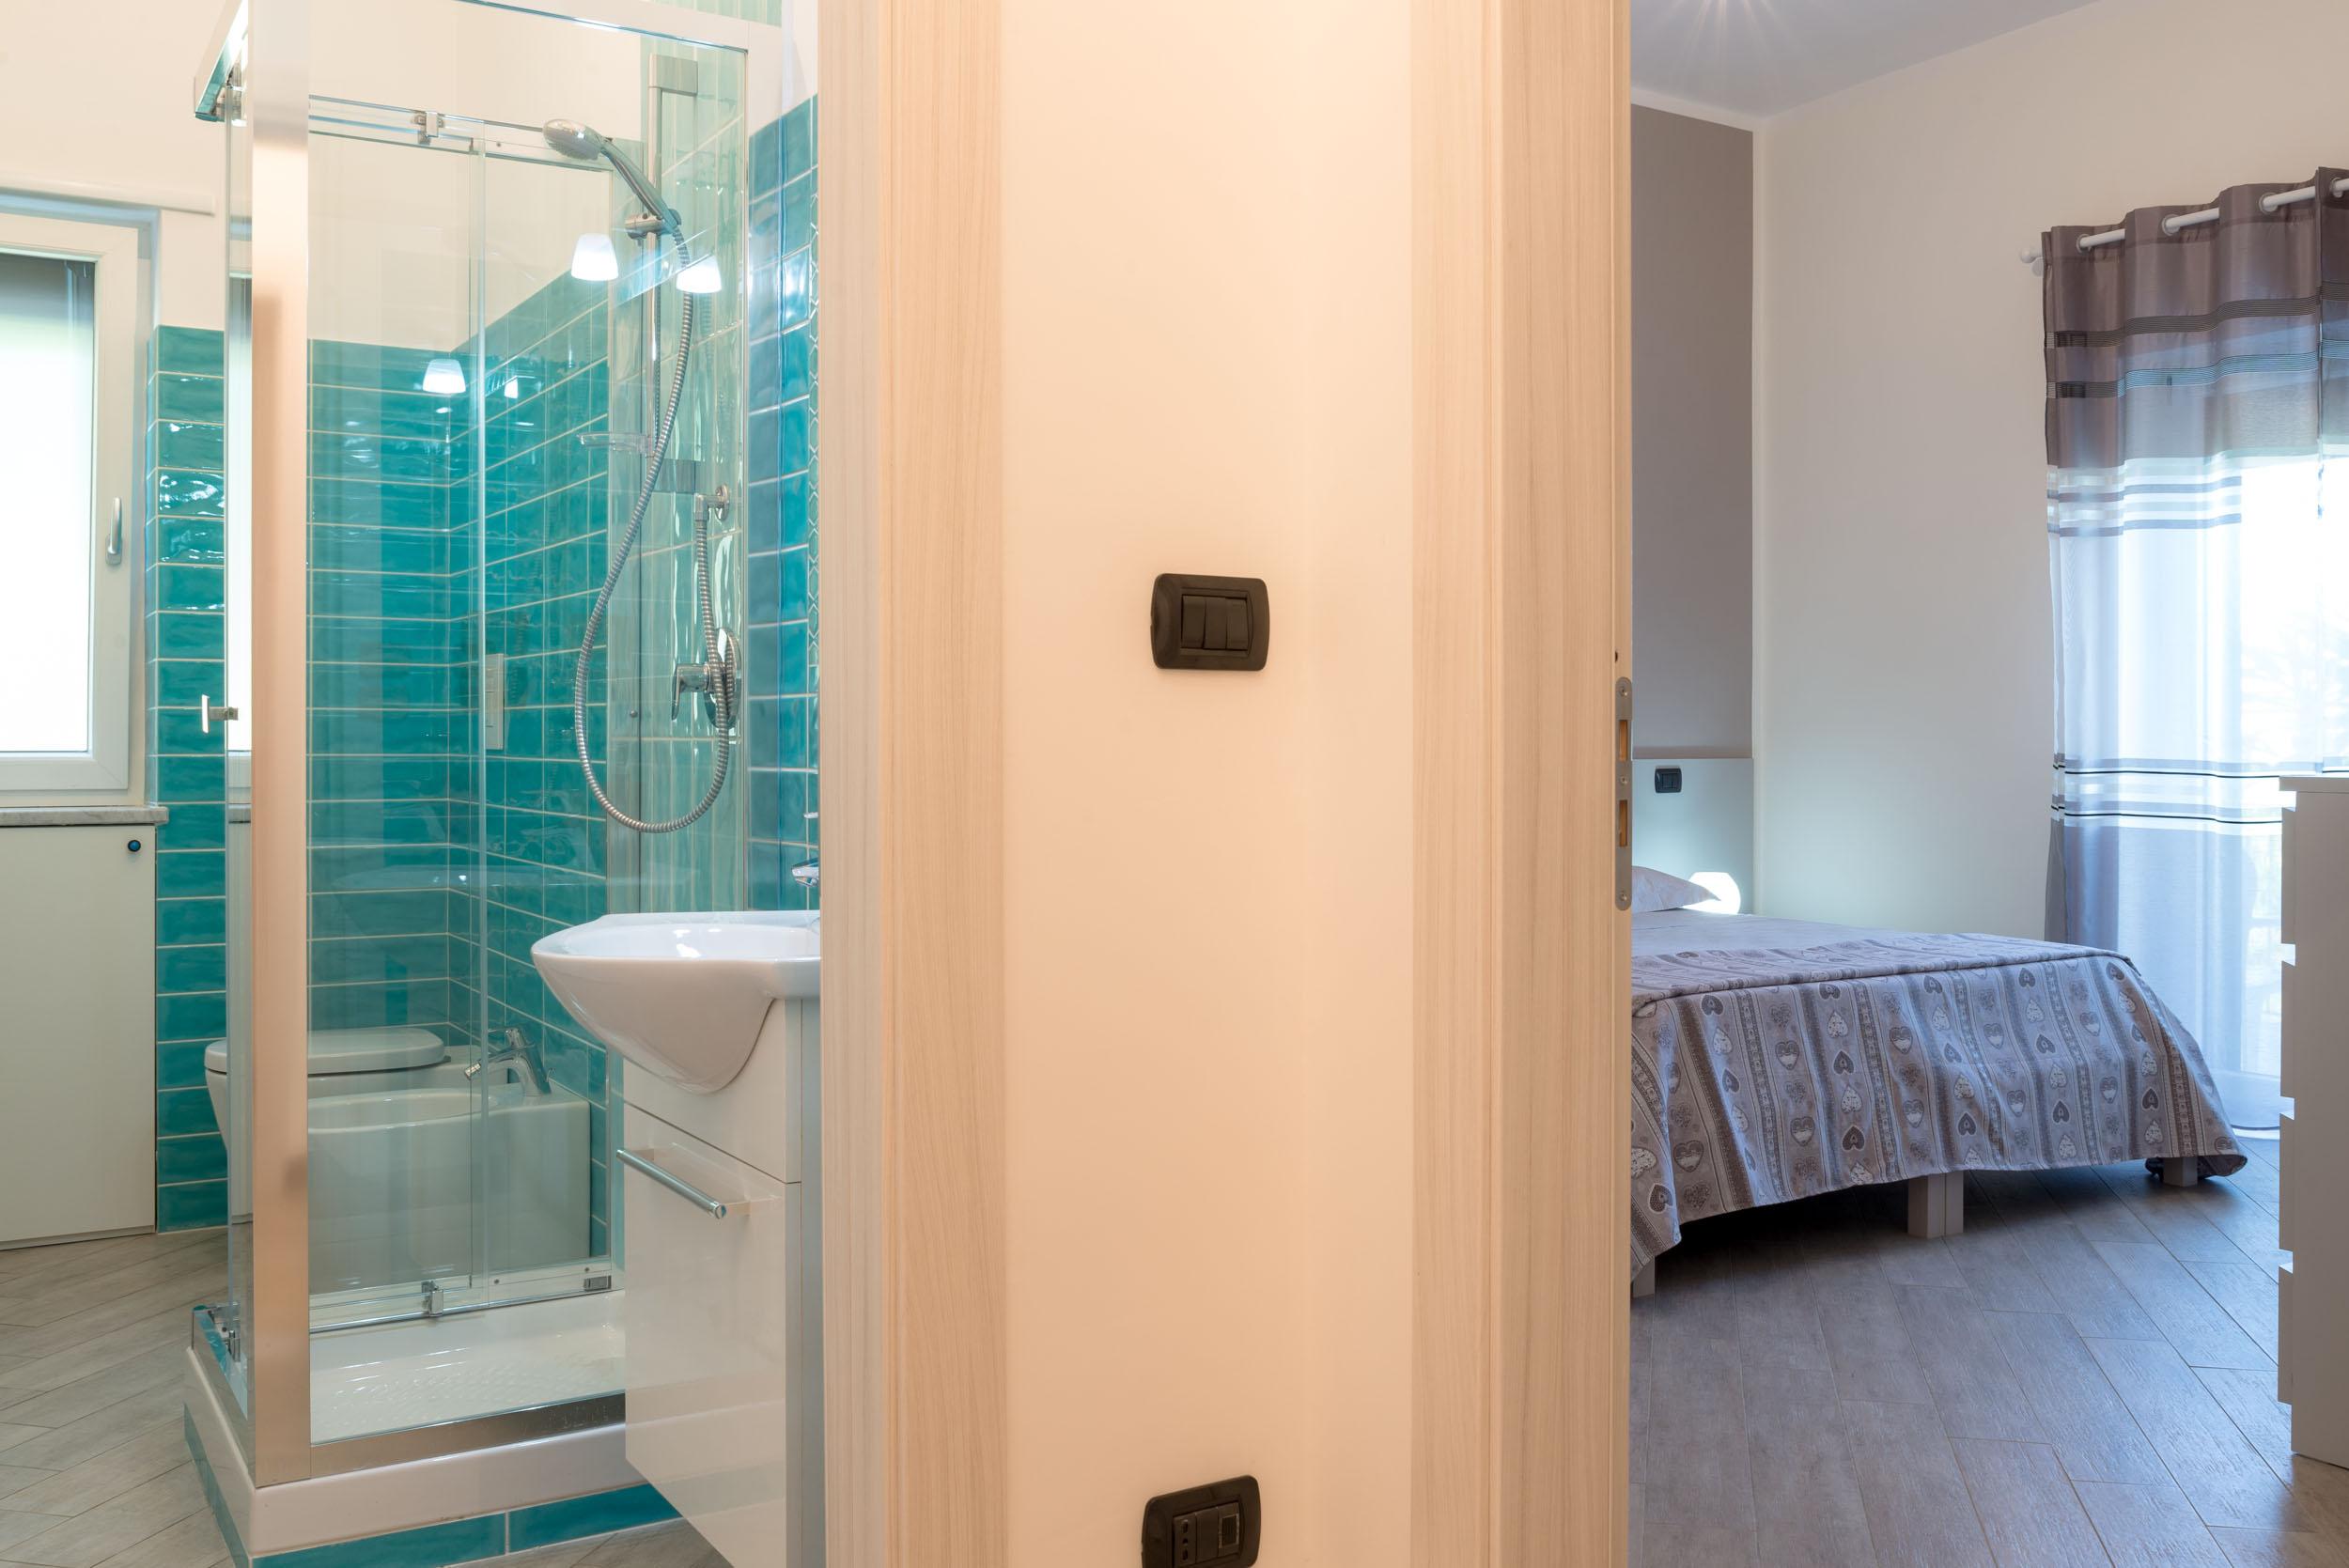 Camere molto semplici piano seminterrato con bagno in comune